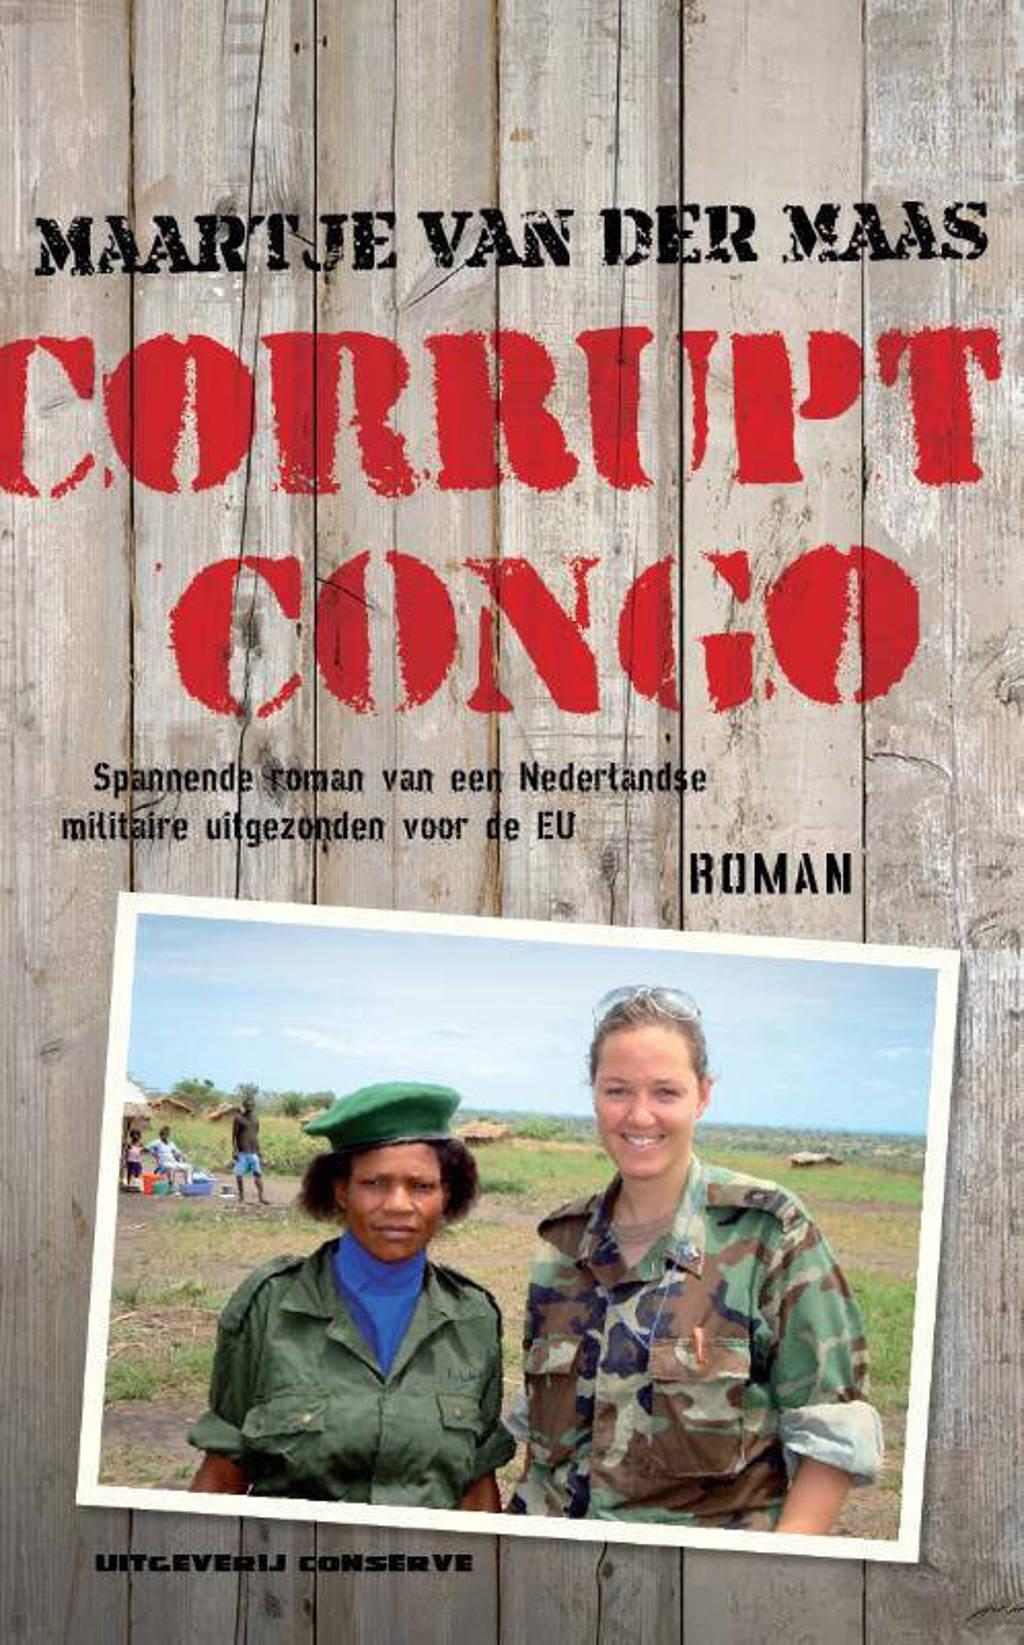 Corrupt Congo - Maartje van der Maas